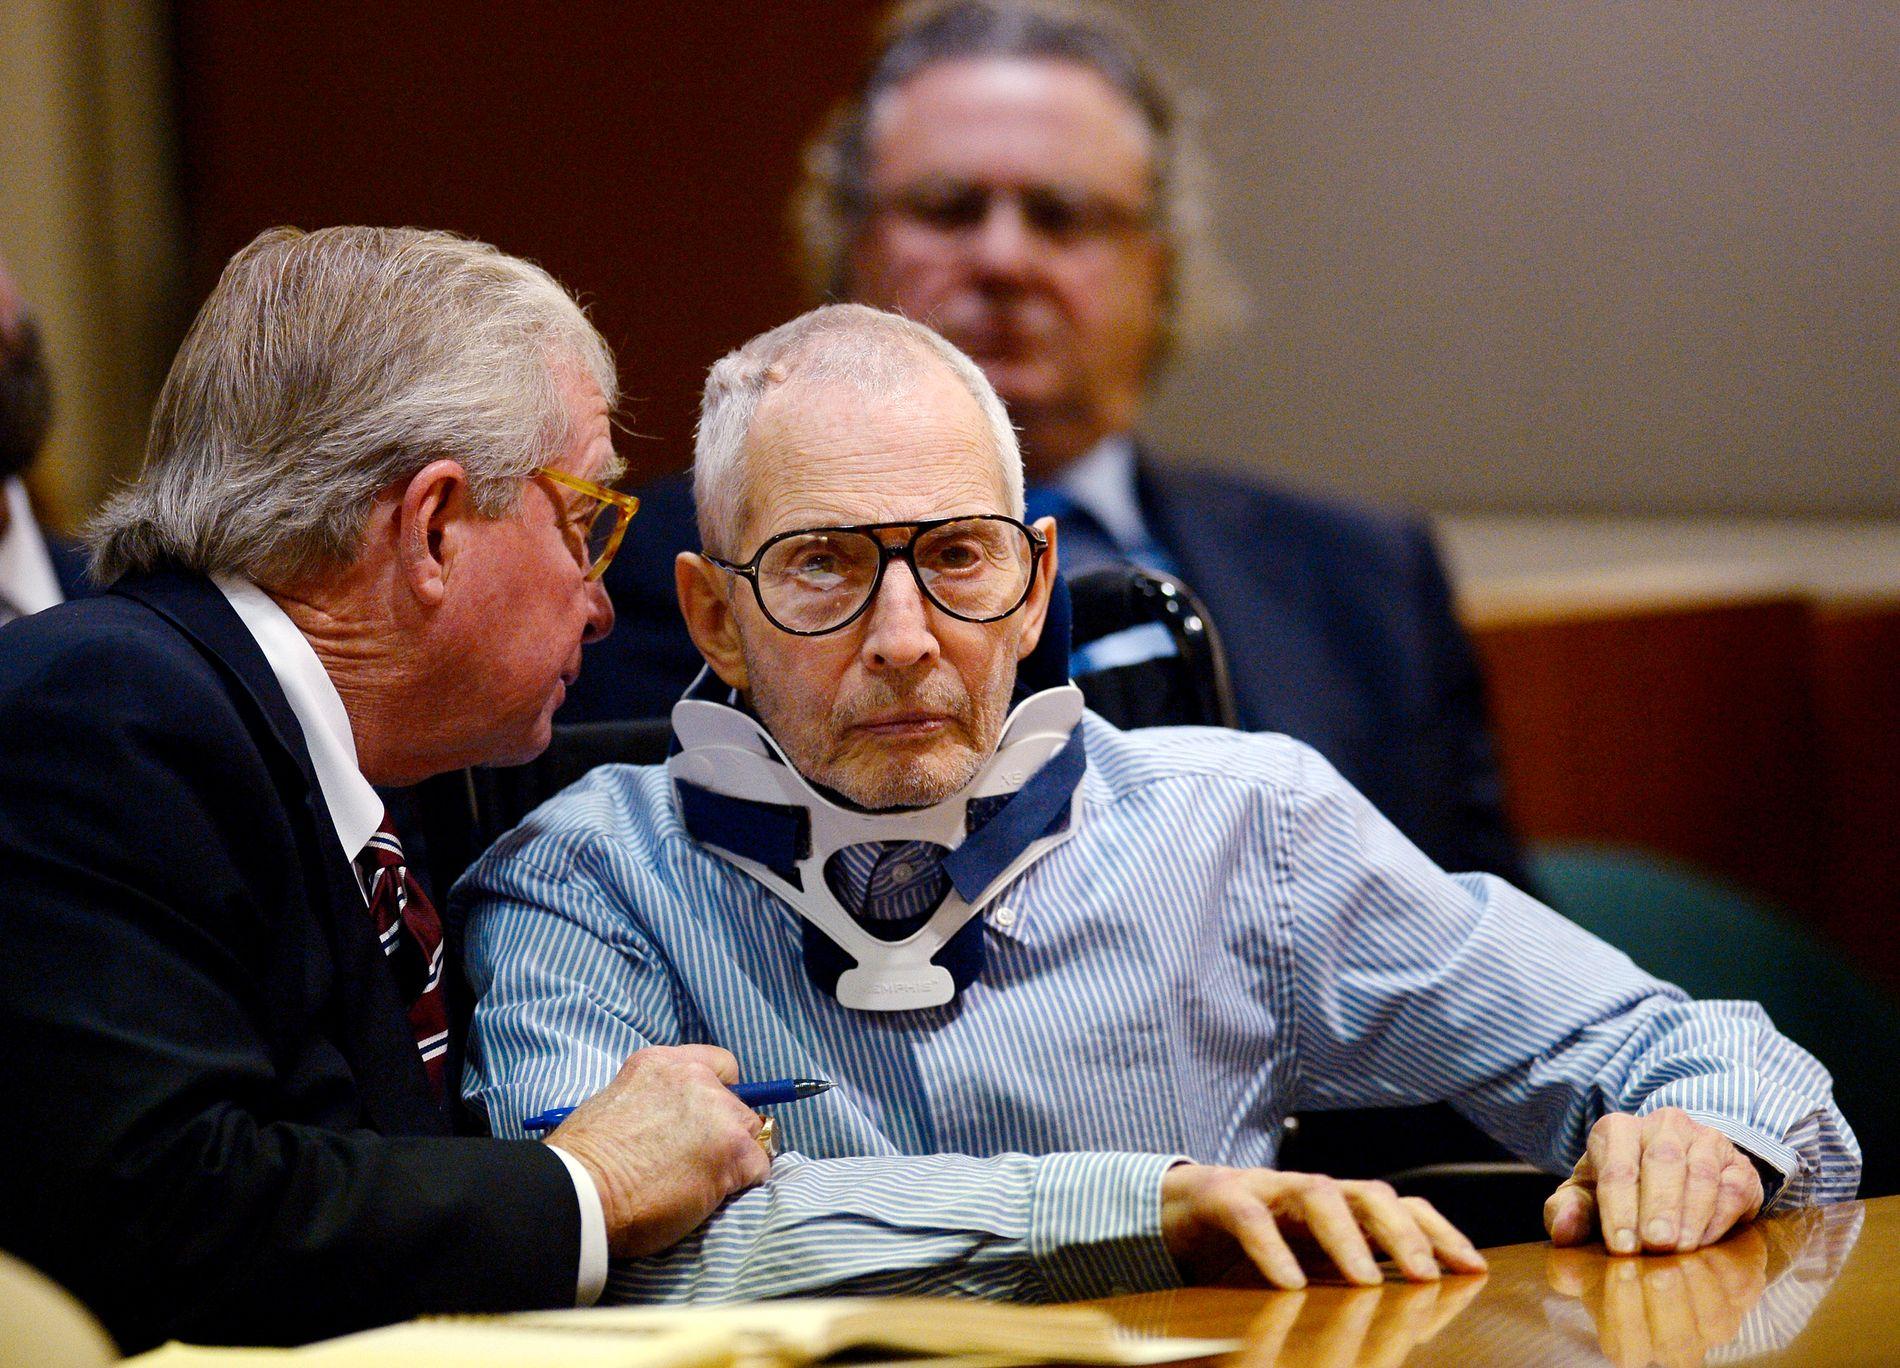 TILTALT FOR DRAP: Robert Durst (til høyre) ankom rettssalen i rullestol og nakkekrage under den første rettshøringen i Los Angeles i november. Durst er tiltalt for å ha skutt og drept venninnen Susan Berman, angivelig fordi hun visste noe om hvordan hans kone forsvant i 1982.